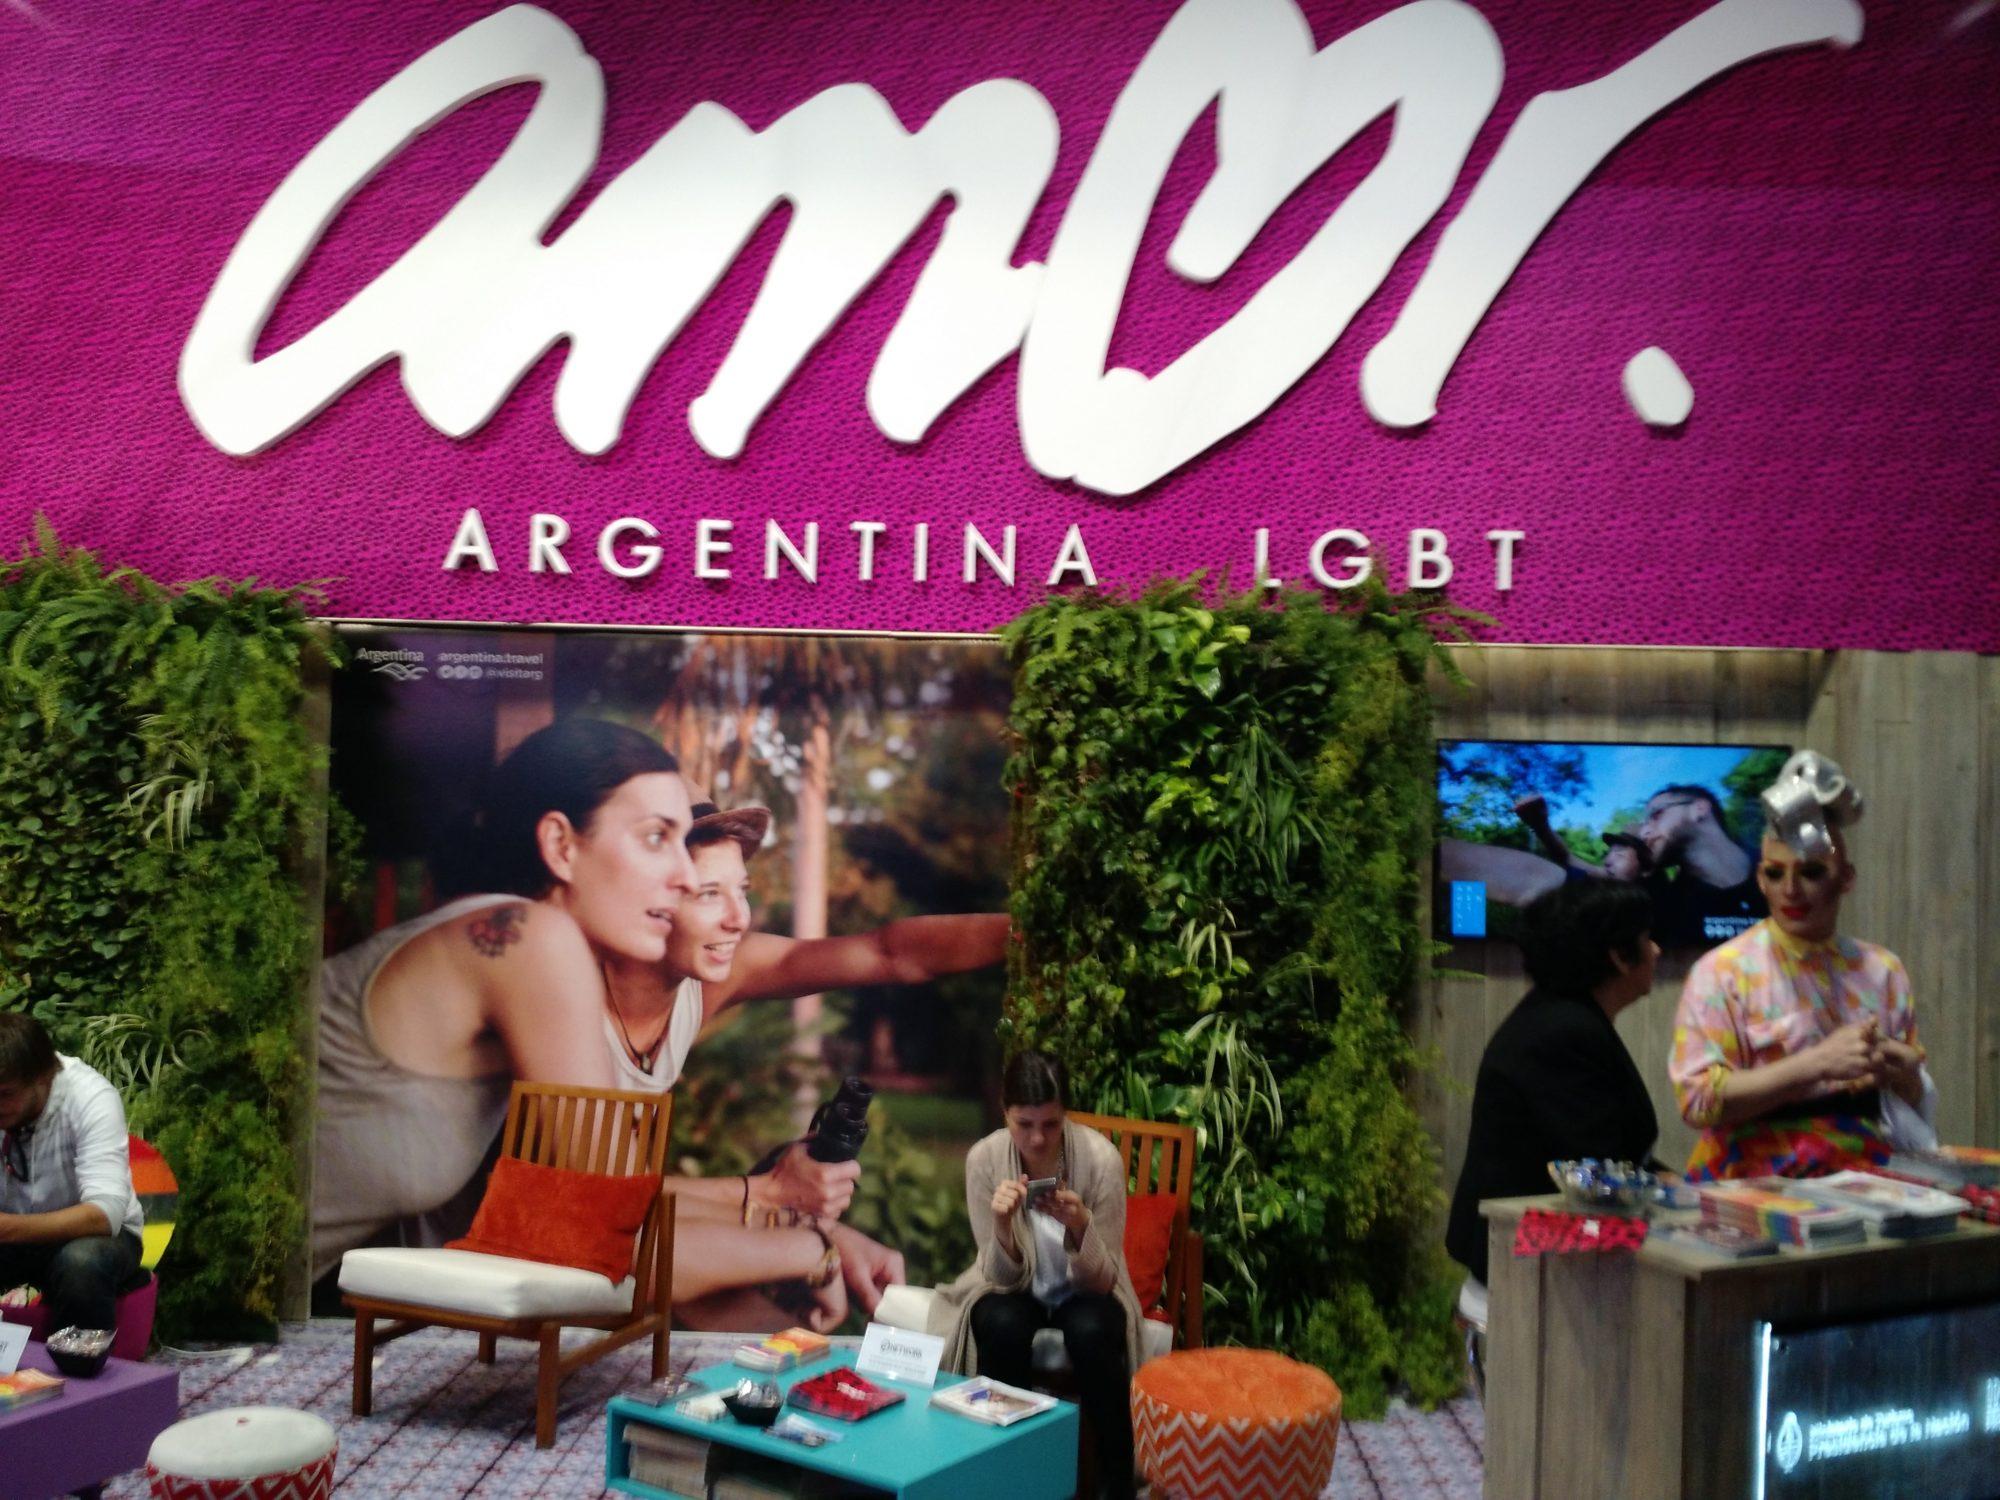 turismo lgbt in argentina 2020